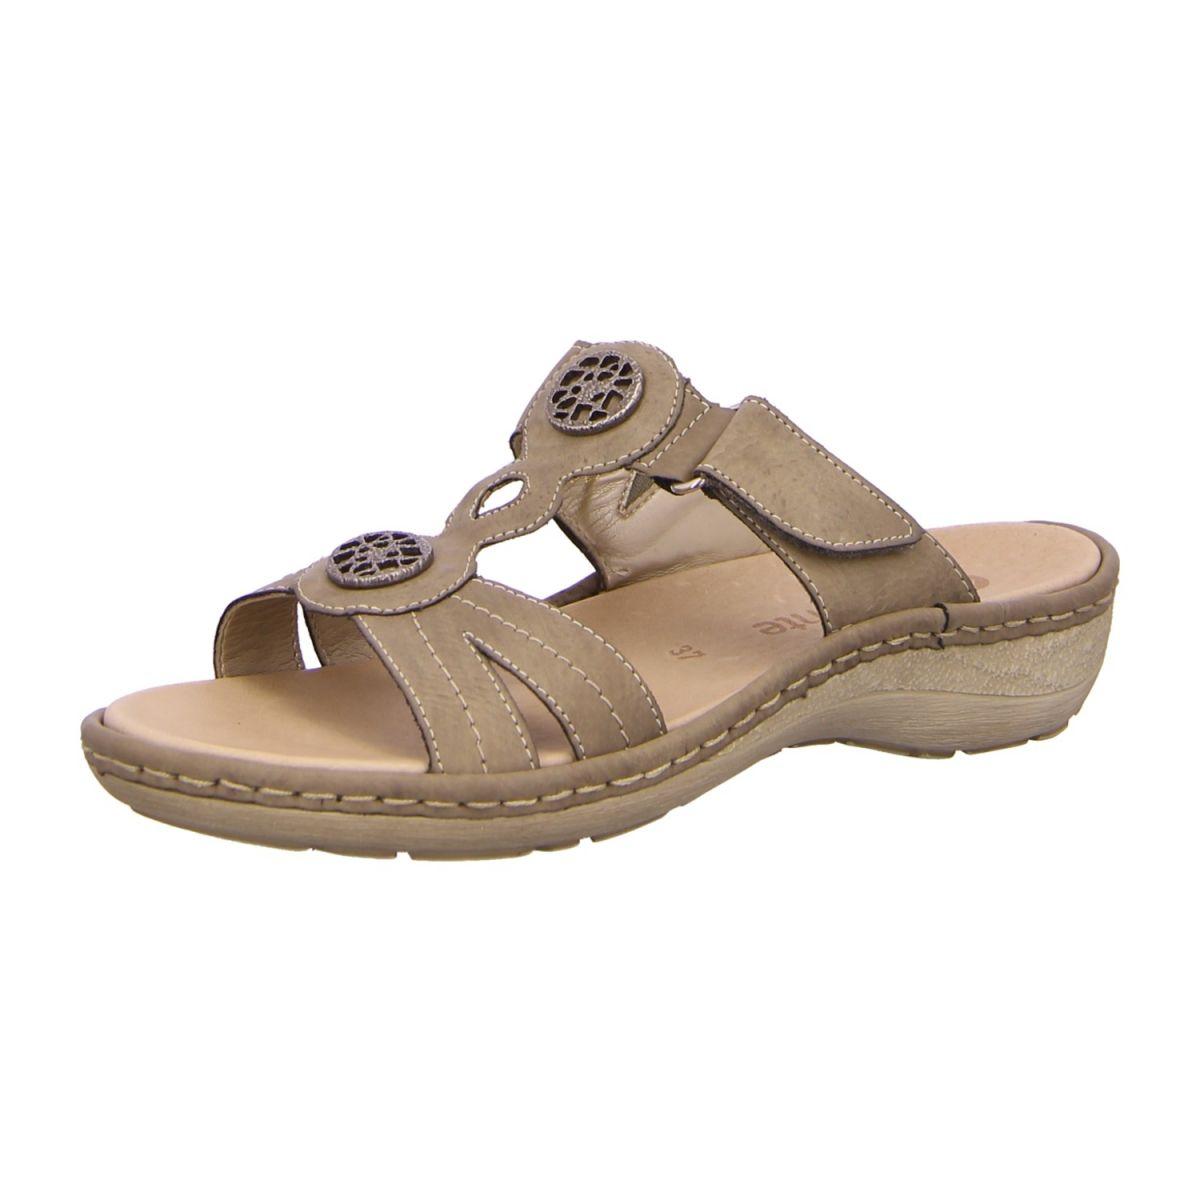 NEU: Remonte Pantoletten D7667 42 grau | Schuhe damen